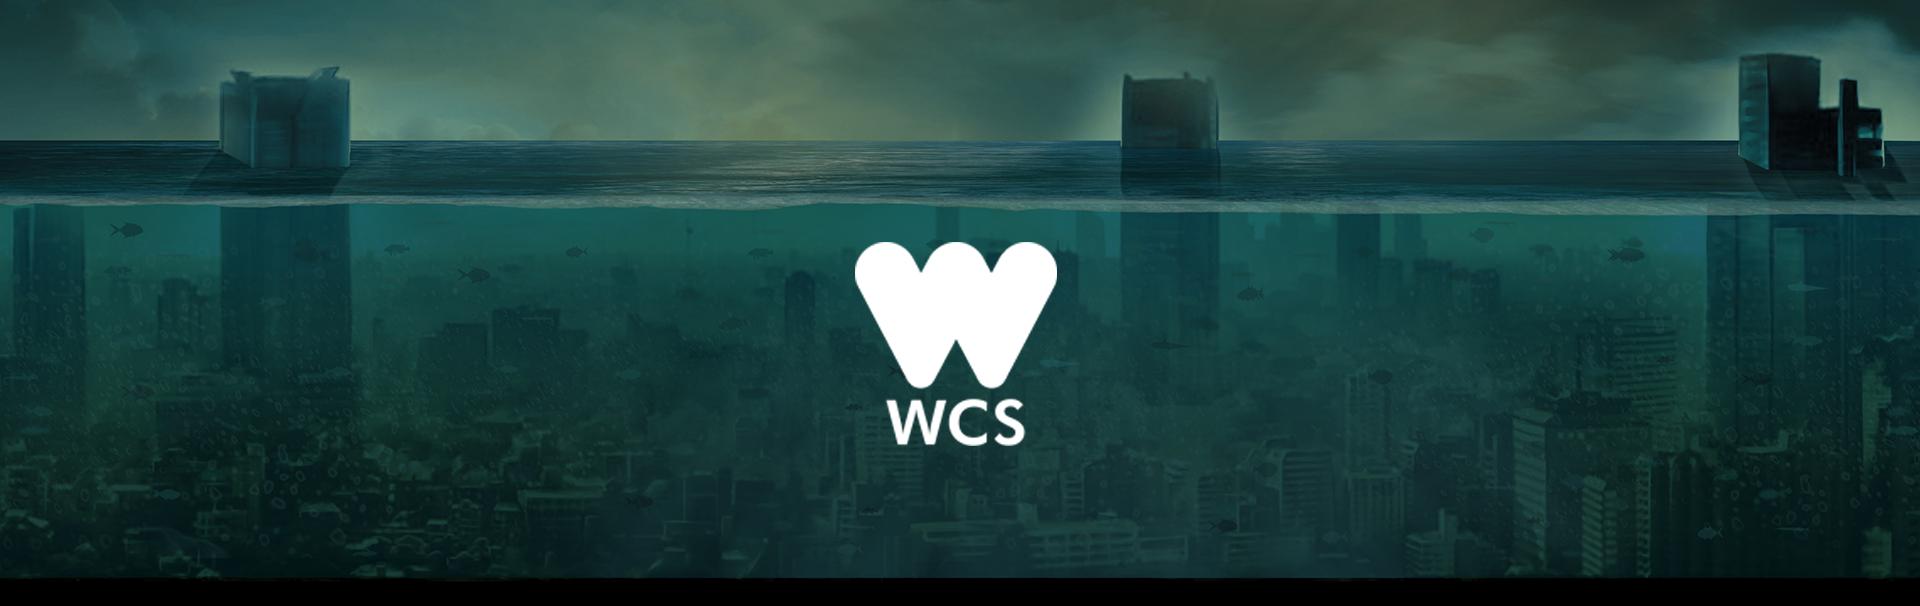 wcs header website .png